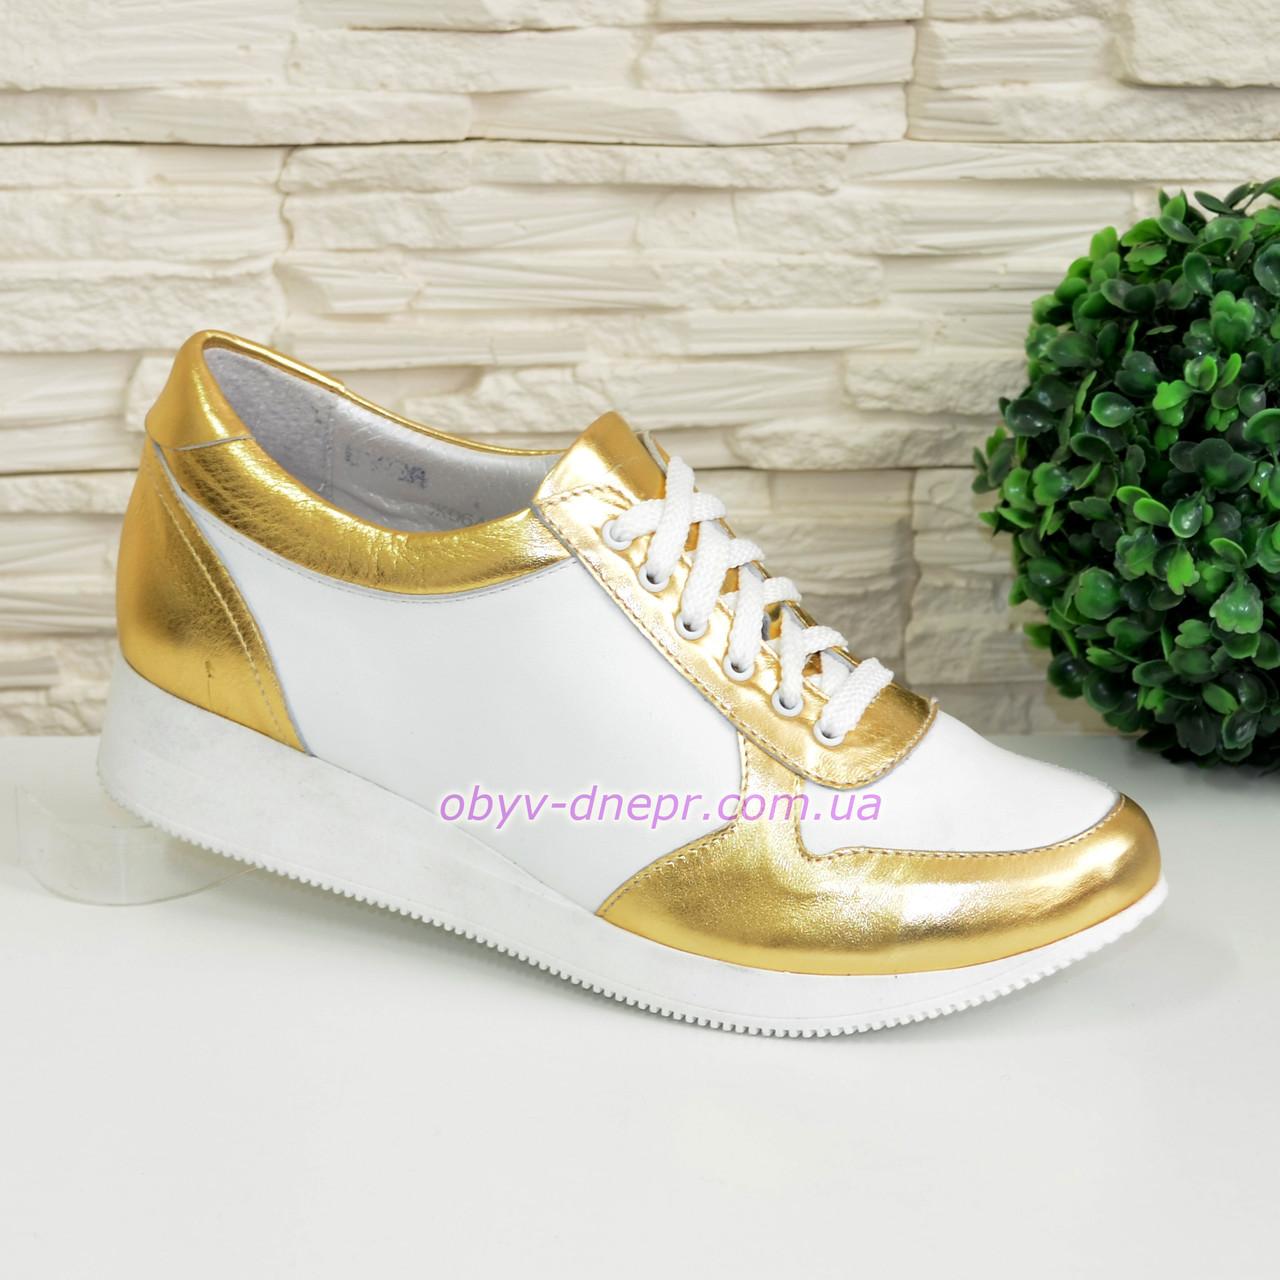 Стильные кроссовки женские на шнуровке, цвет золото/белый